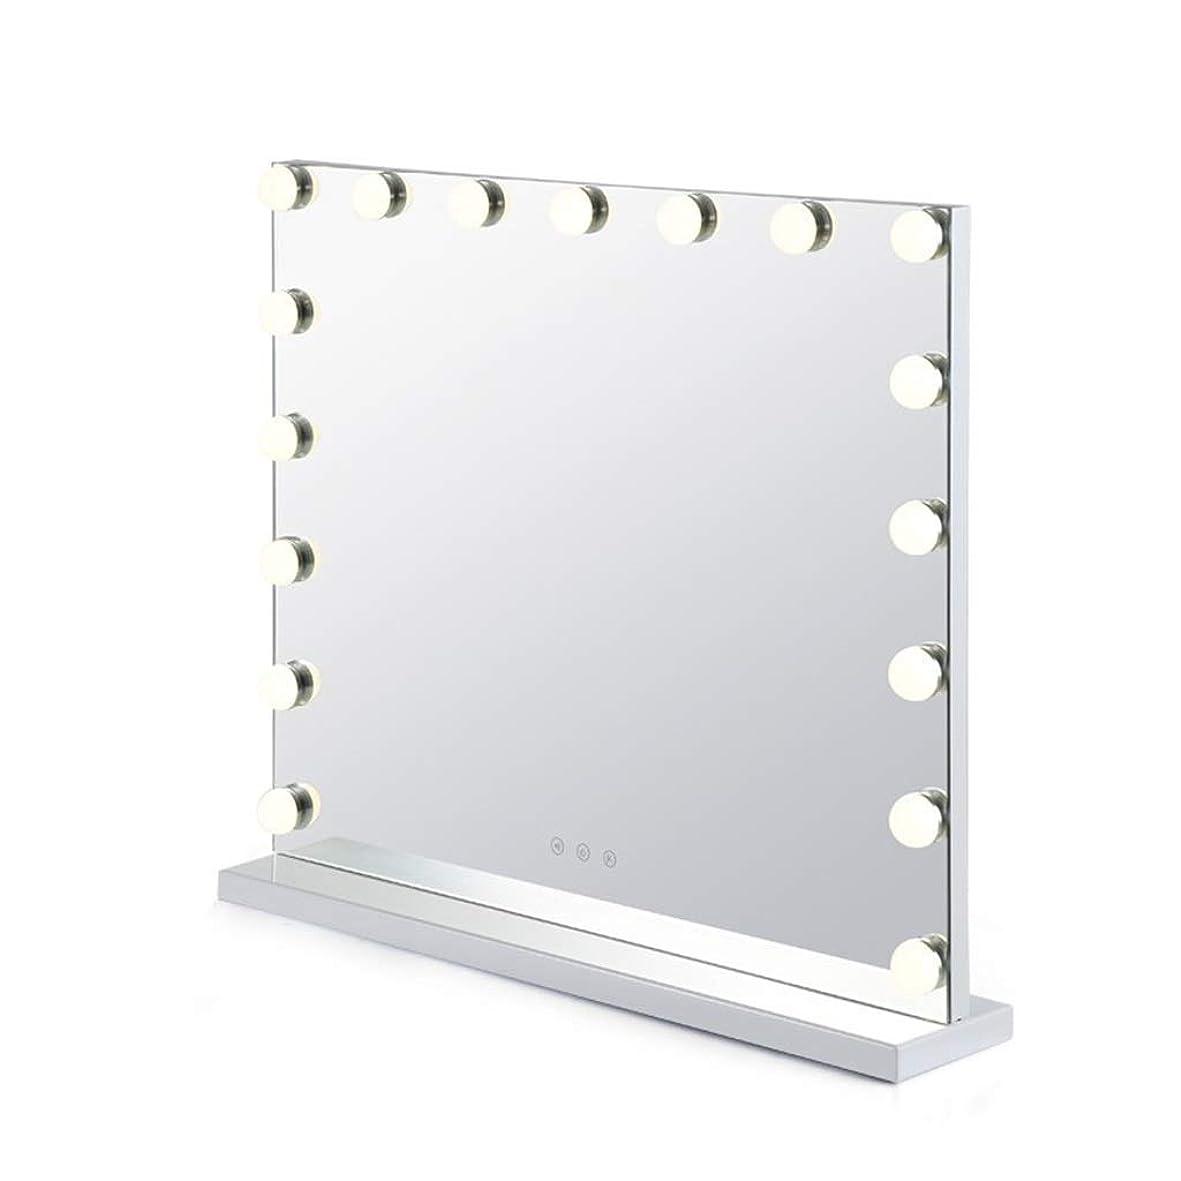 自治的哺乳類キャリアSelm LEDライト付きバニティミラー 長方形 タッチスクリーンと調光対応 15の調光対応電球があります 寝室、浴室、化粧台に適しています (色 : 白, サイズ さいず : 54cmX62cm)